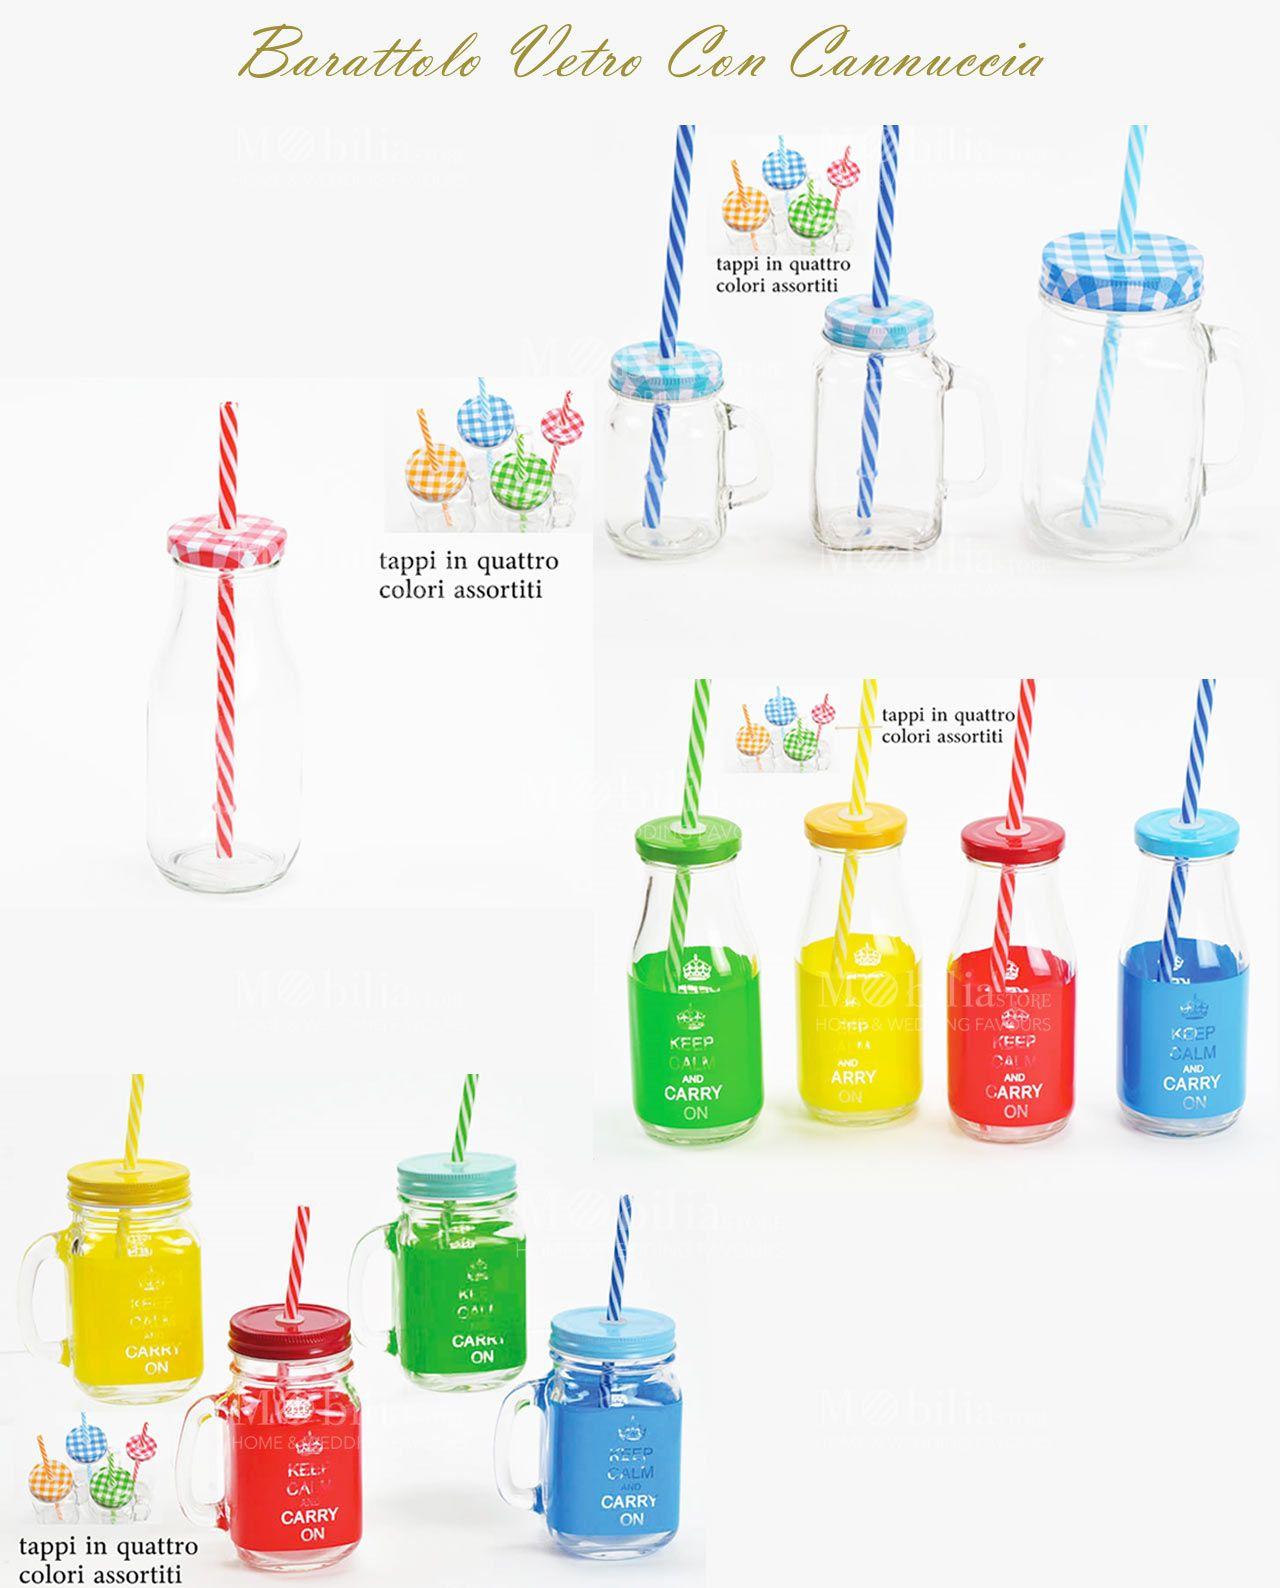 Barattoli vetro con cannuccia in 4 colori assortiti ideali per rinfrescarsi in modo originale e - Barattoli vetro ikea ...